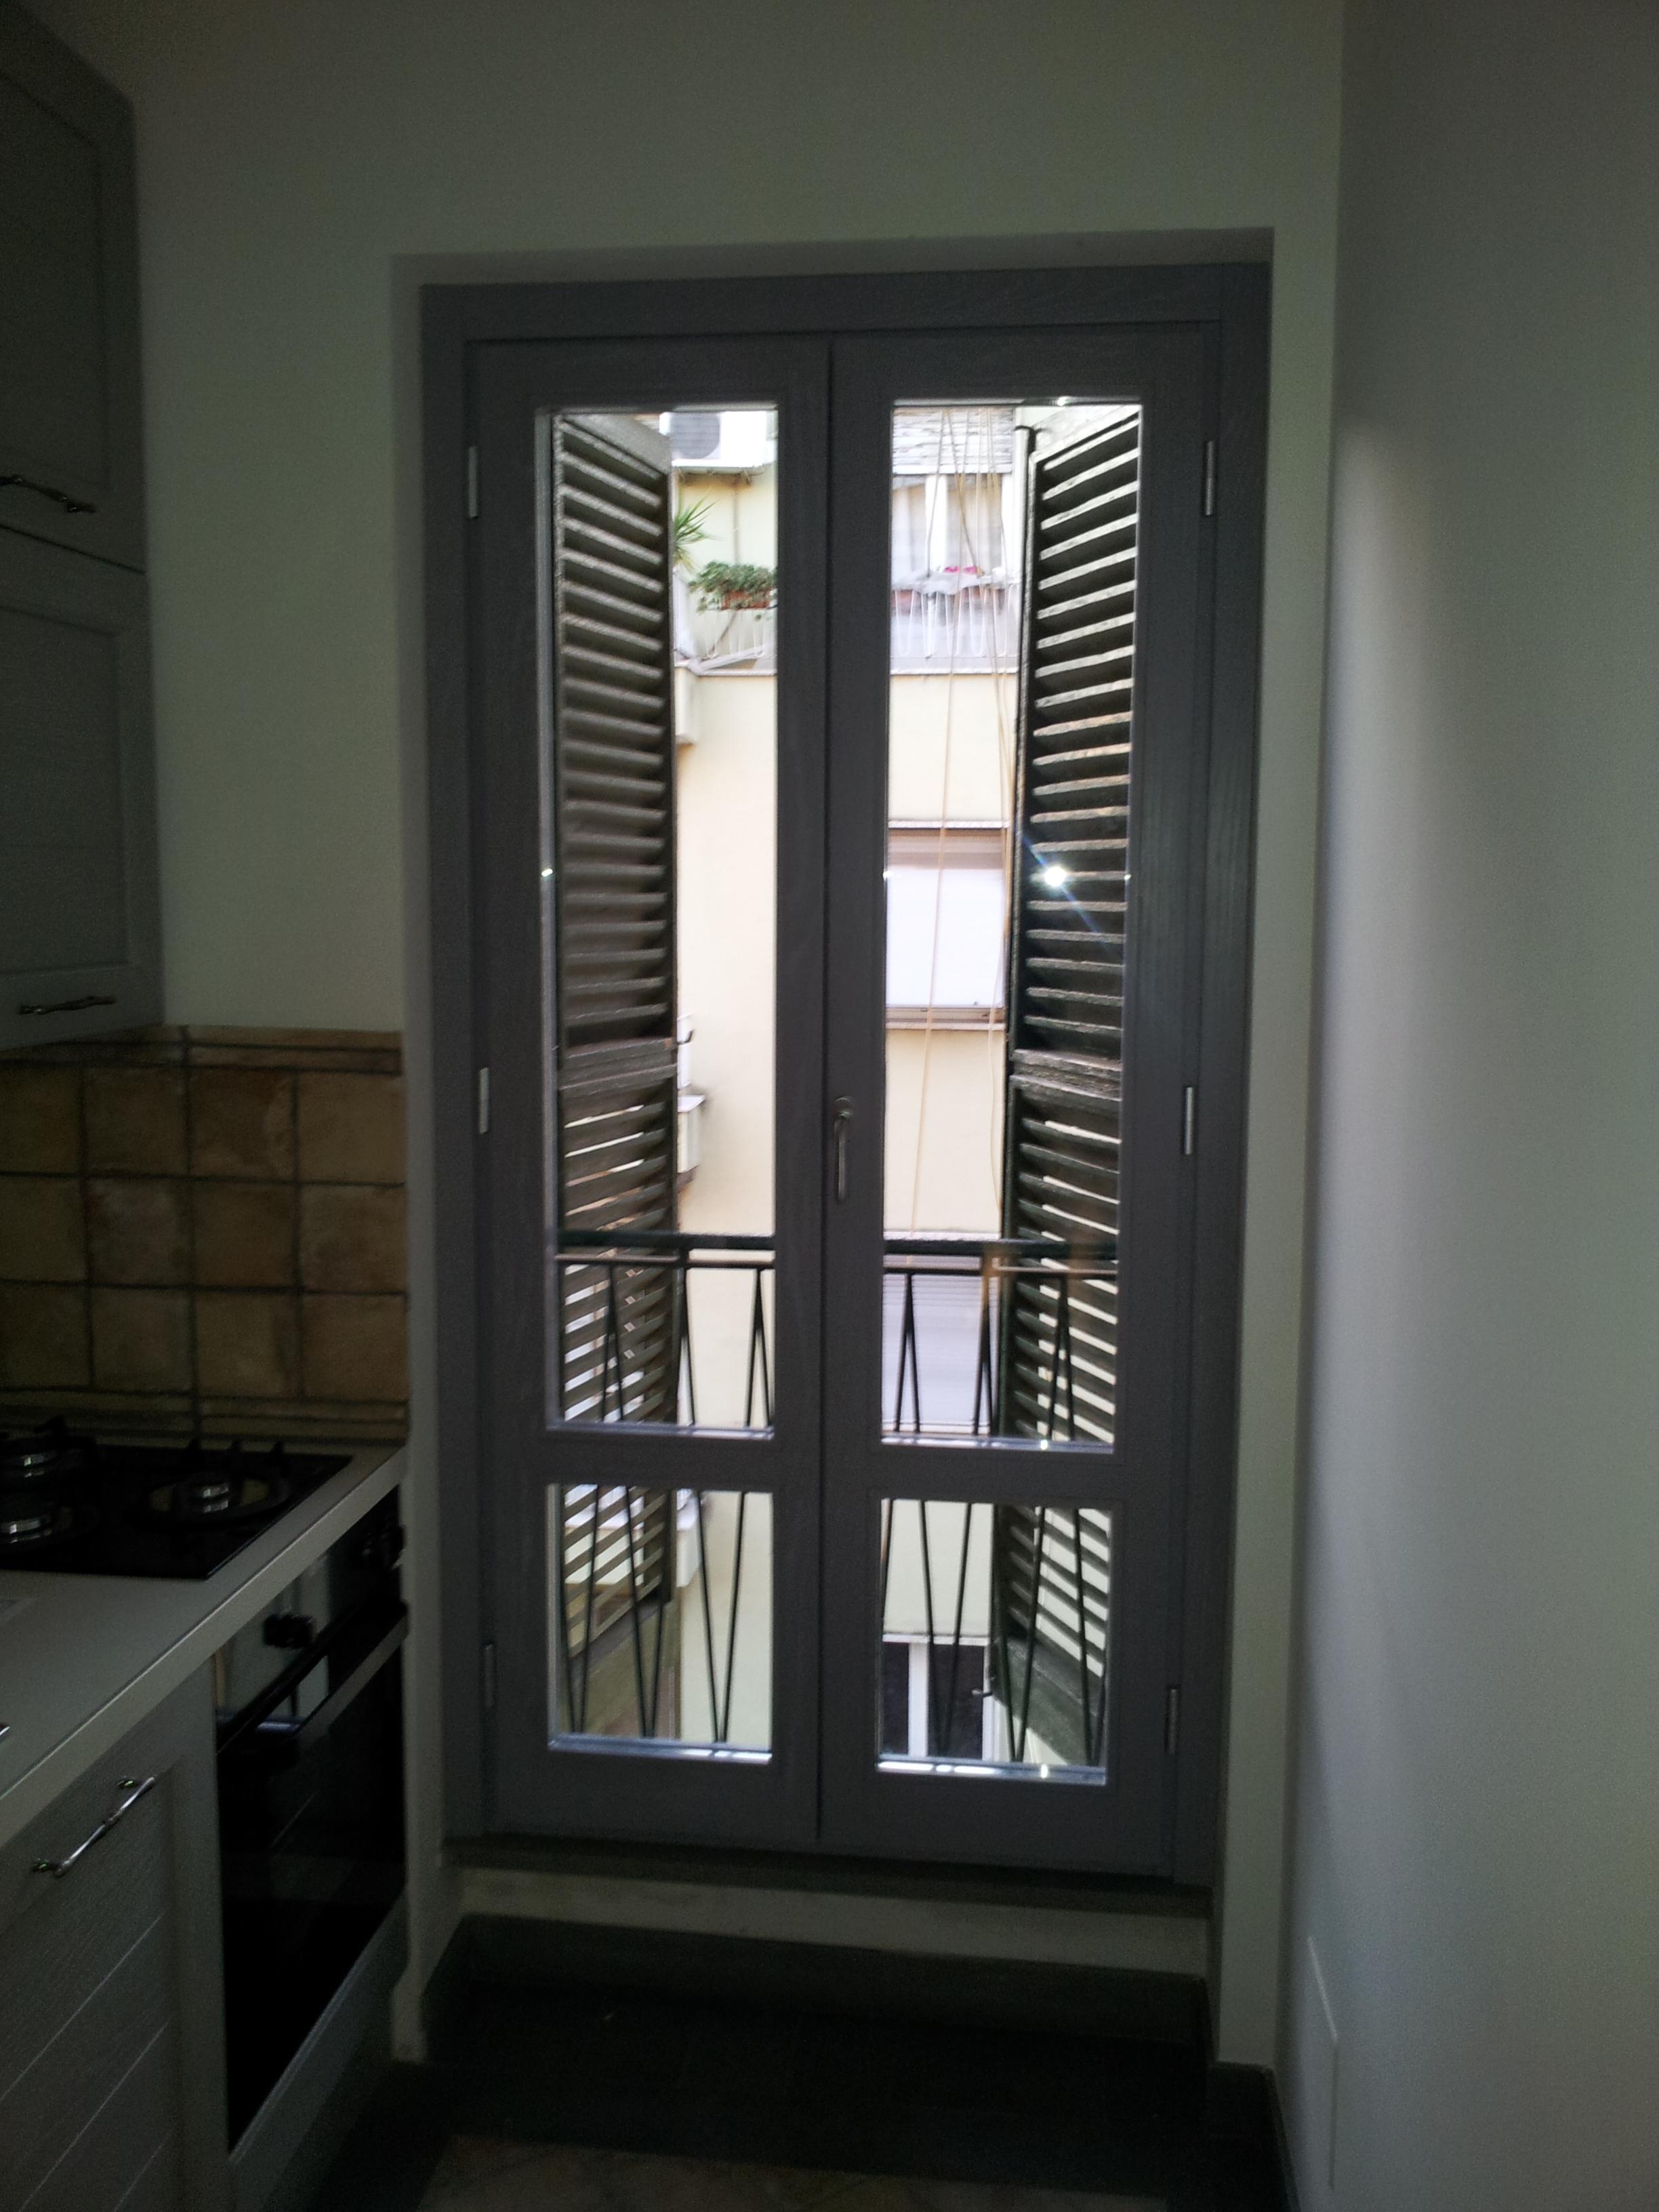 Finestre in legno lamellare di rovere decapate grigie - Restauro finestre in legno ...